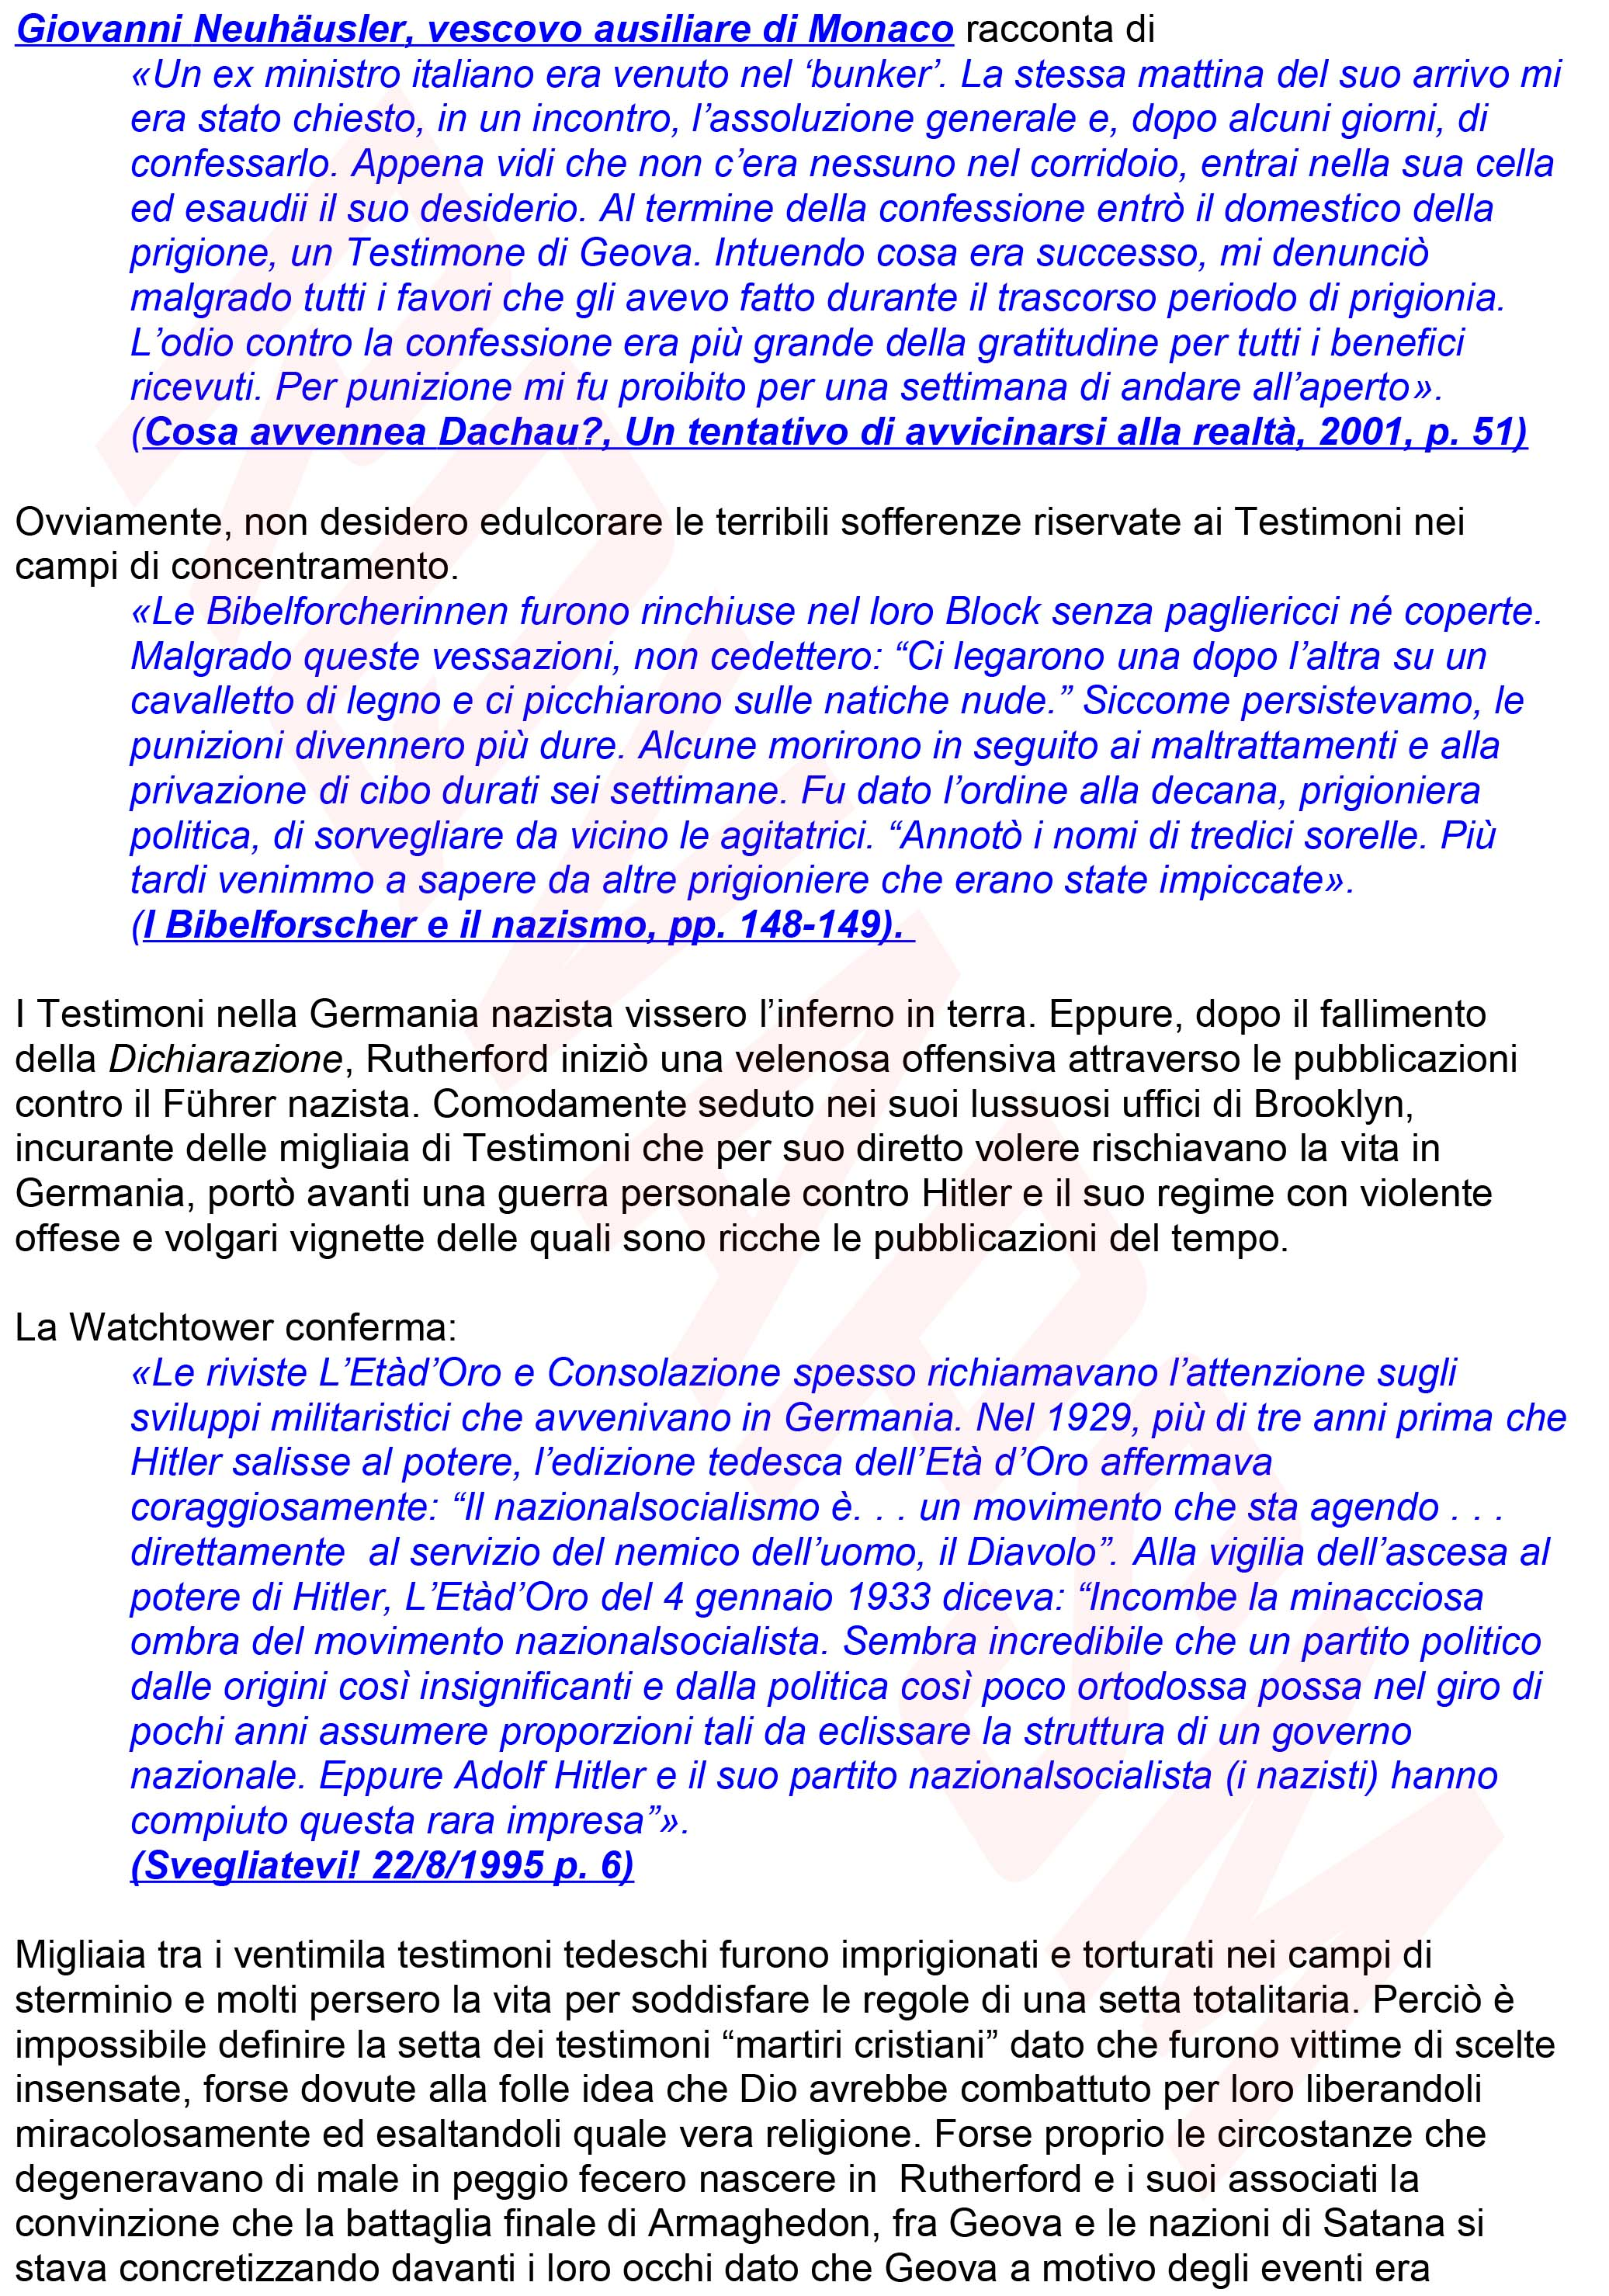 La-storia-dei-Testimoni-di-Geova-4-parte-8